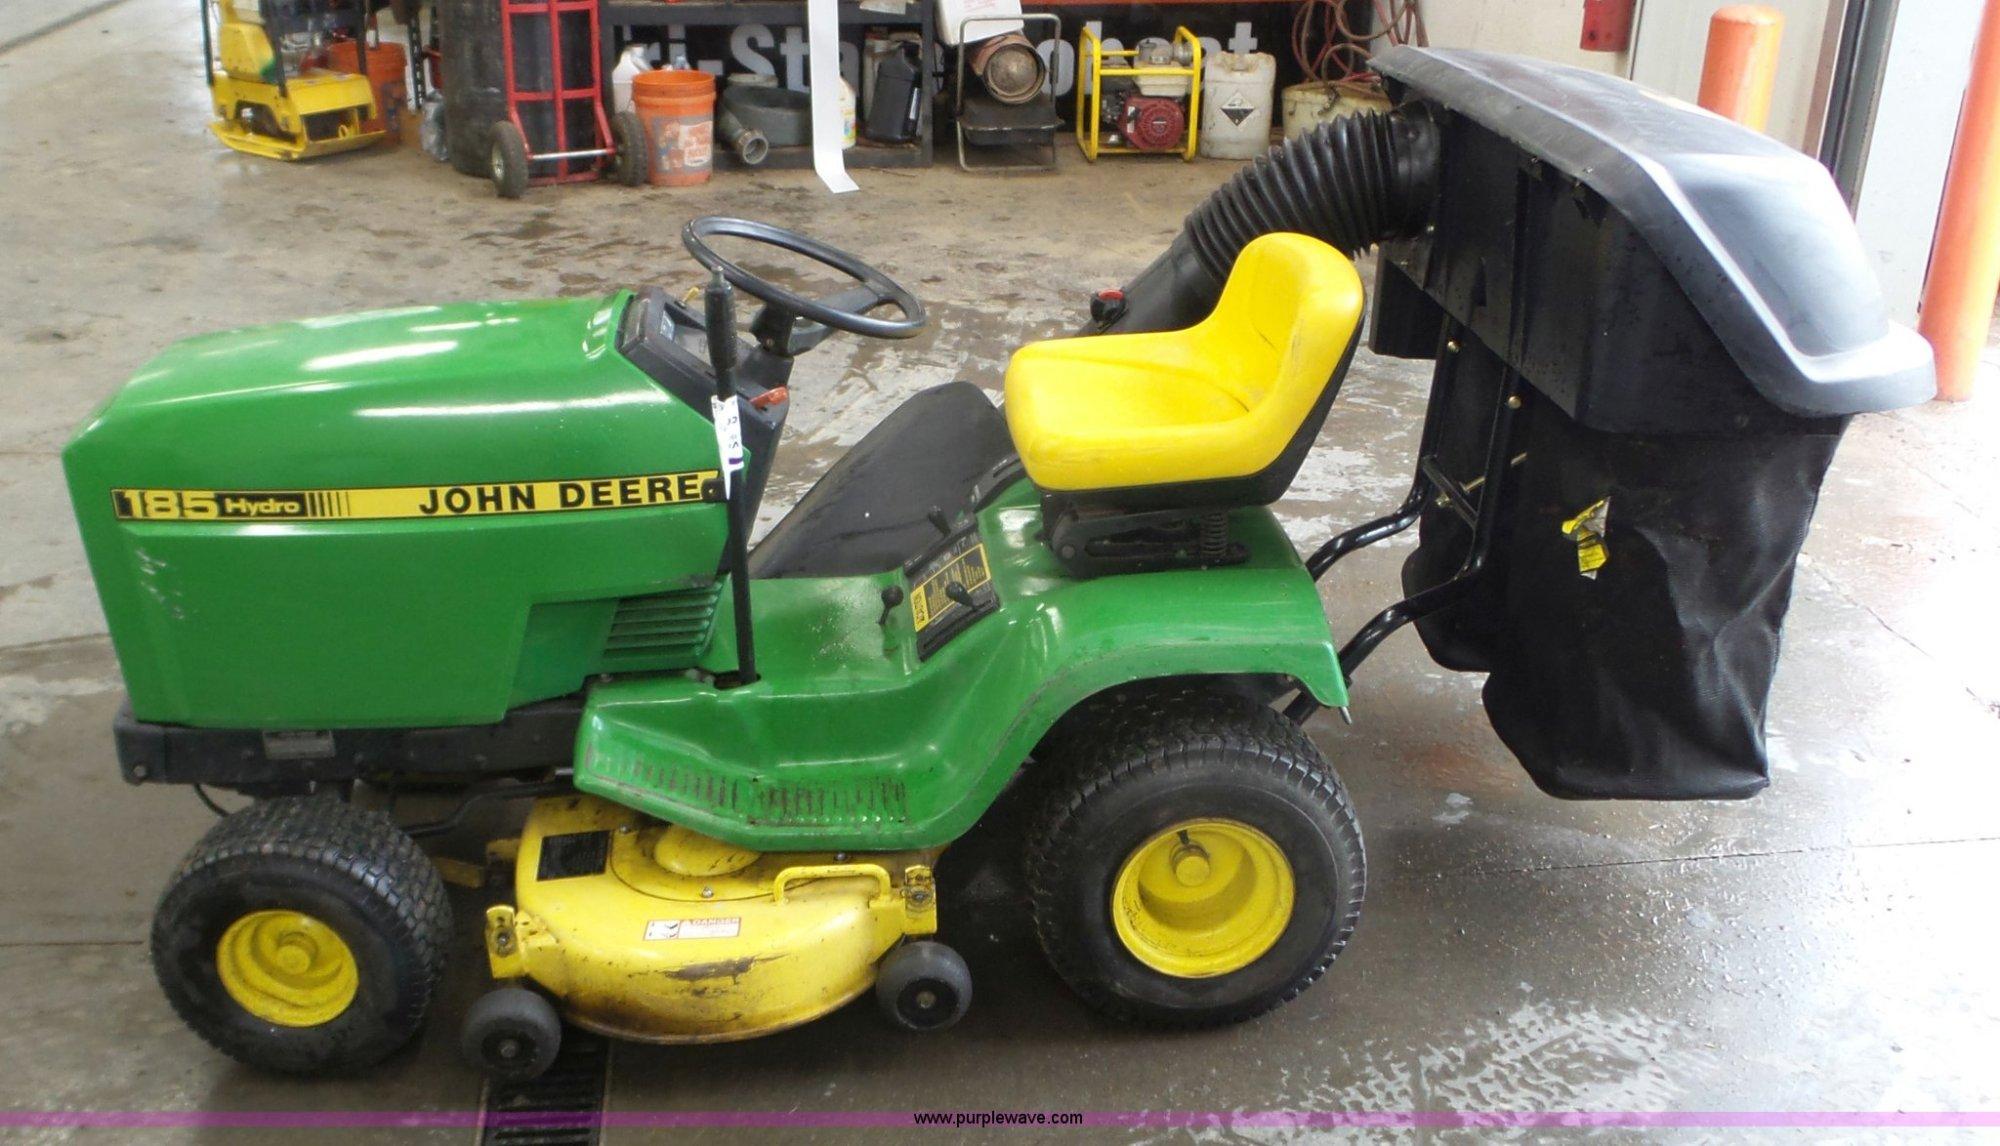 hight resolution of  john deere 185 hydro lawn mower full size in new window